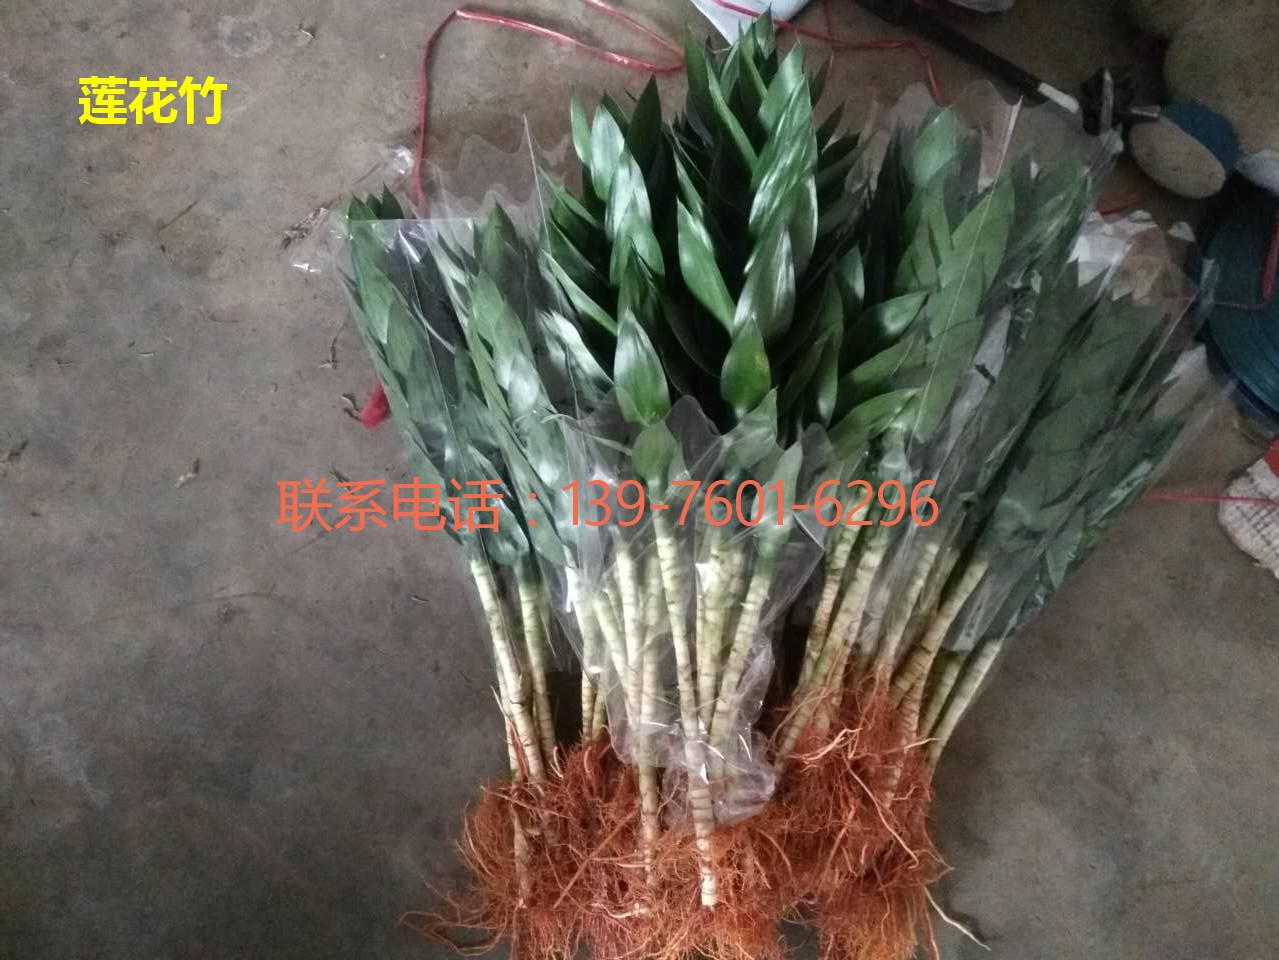 海南莲花竹供应商 海口莲花竹出售-- 馨宁花卉园艺